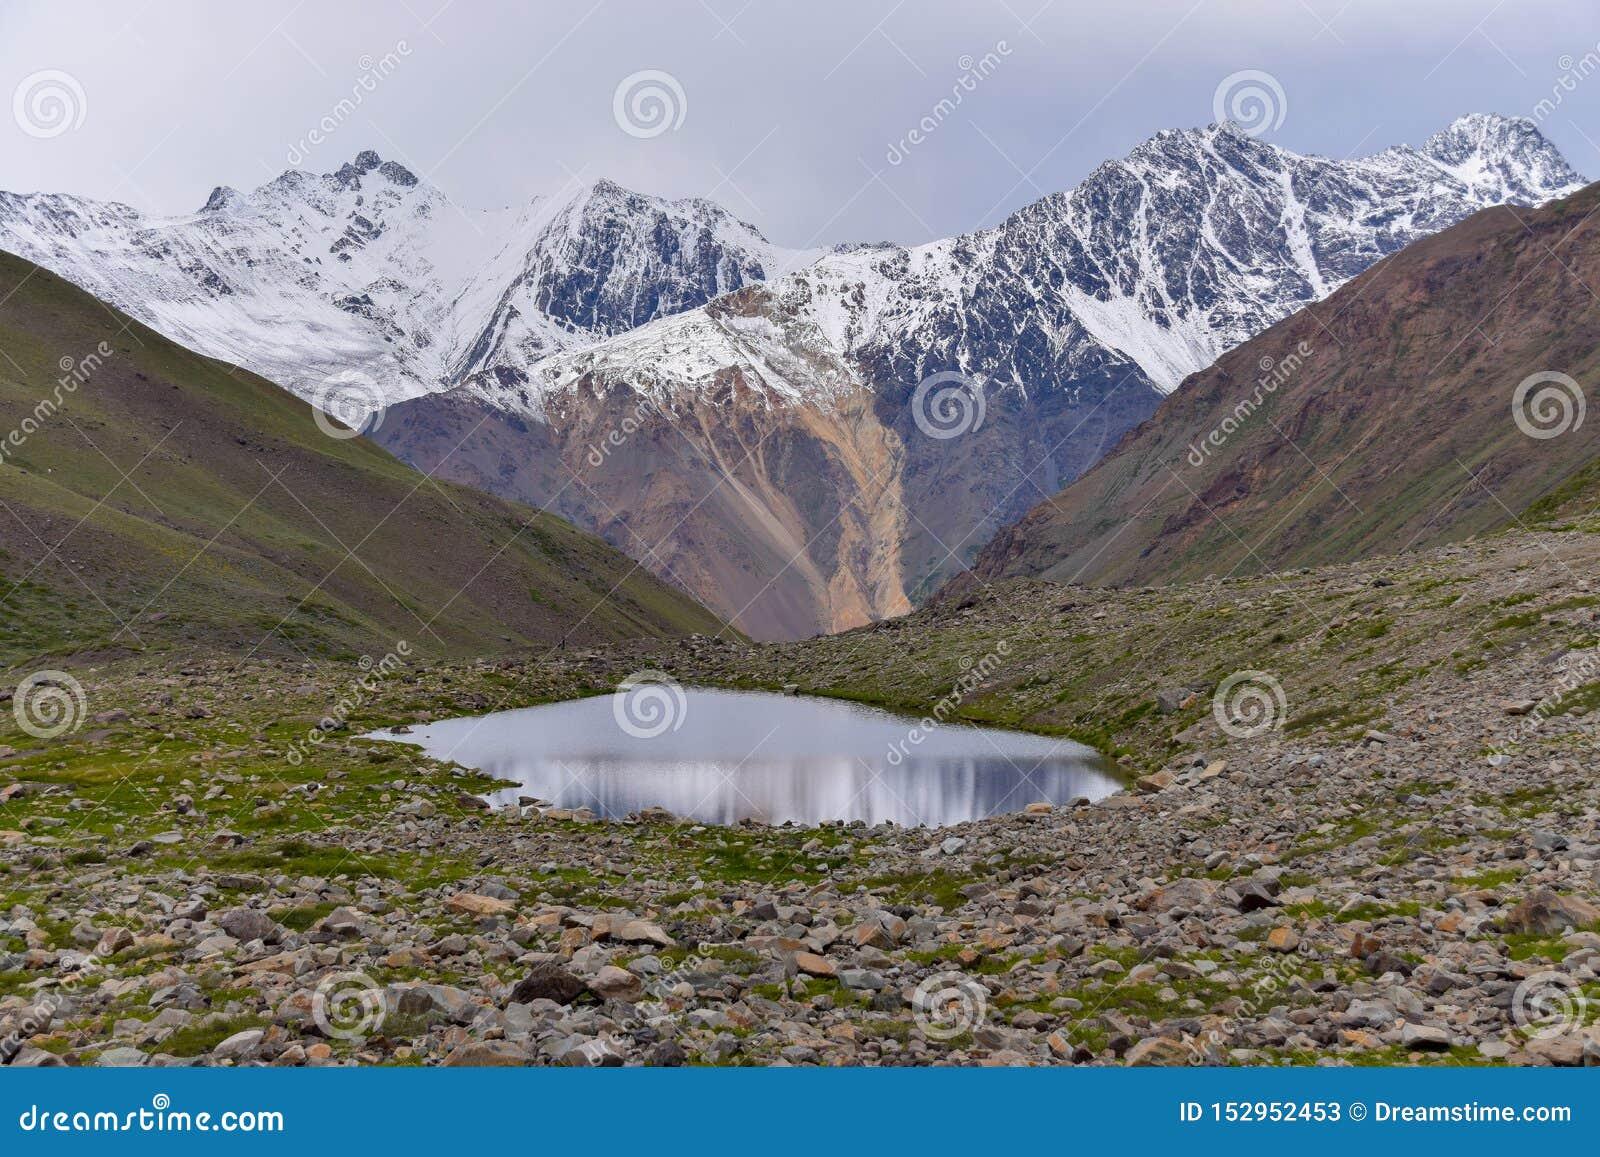 Sceneria śnieżne wysokie góry z jeziorem